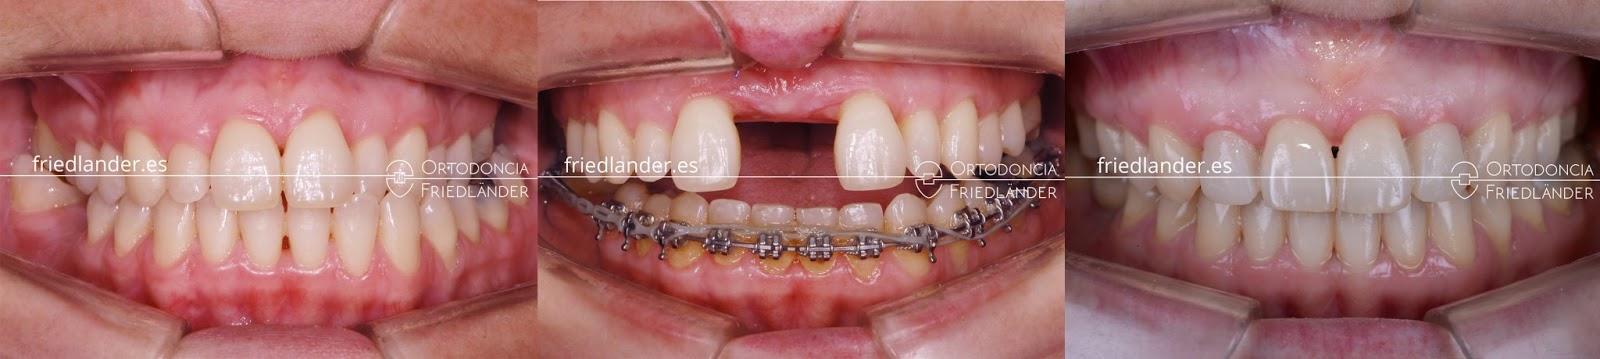 Paladar Ojival o paladar estrecho en adultos, causas y tratamientos. 8